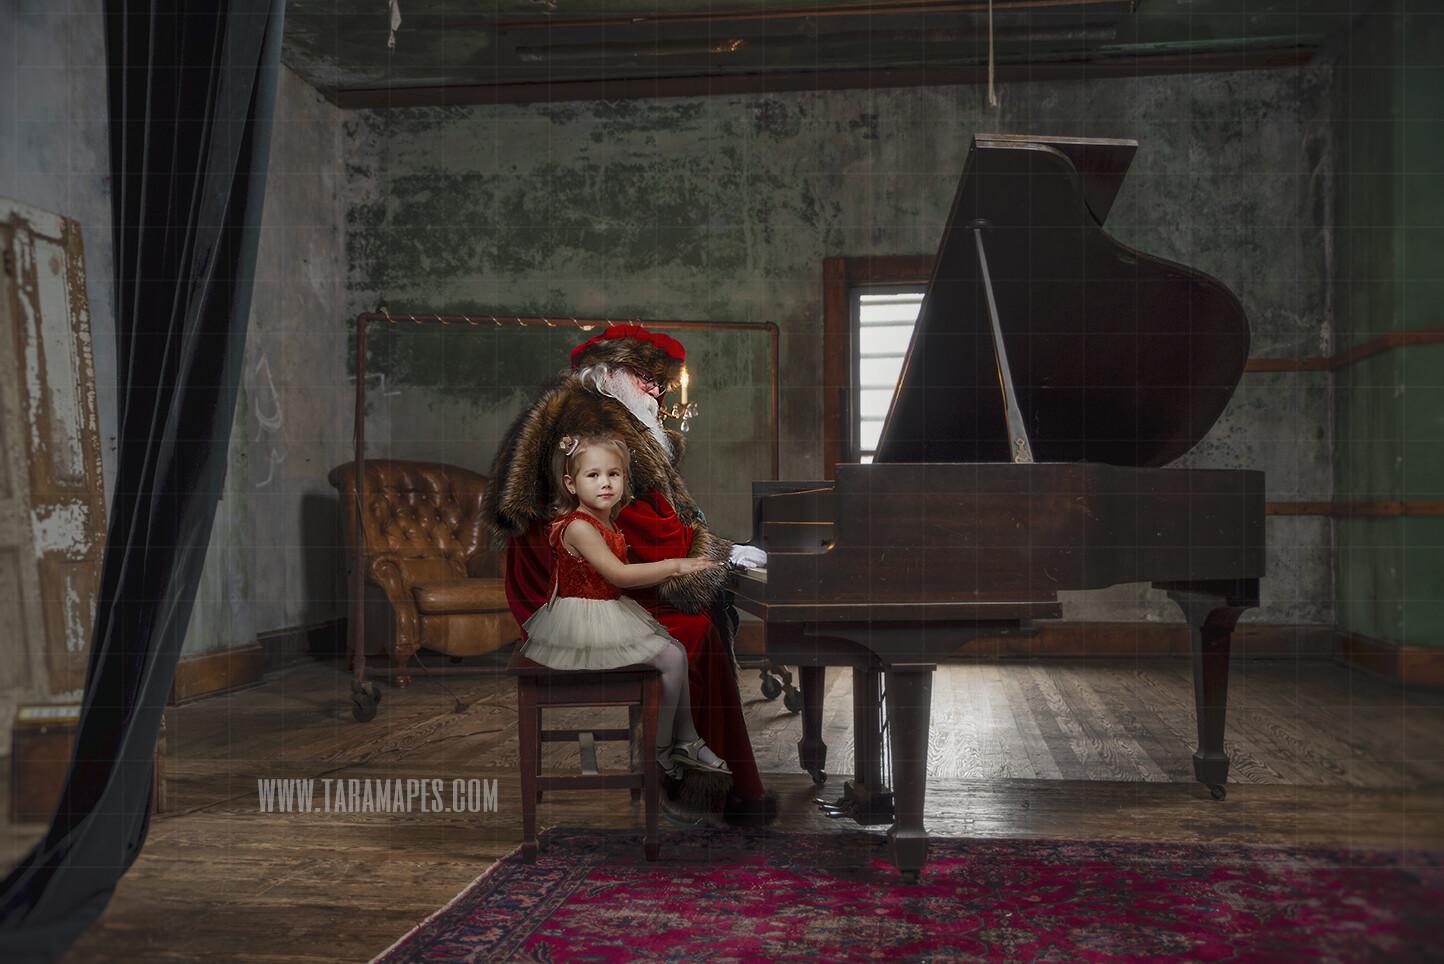 Victorian Santa at Piano - Santa Playing Piano - Santa Sitting at Piano - Cozy Christmas Holiday Digital Background Backdrop